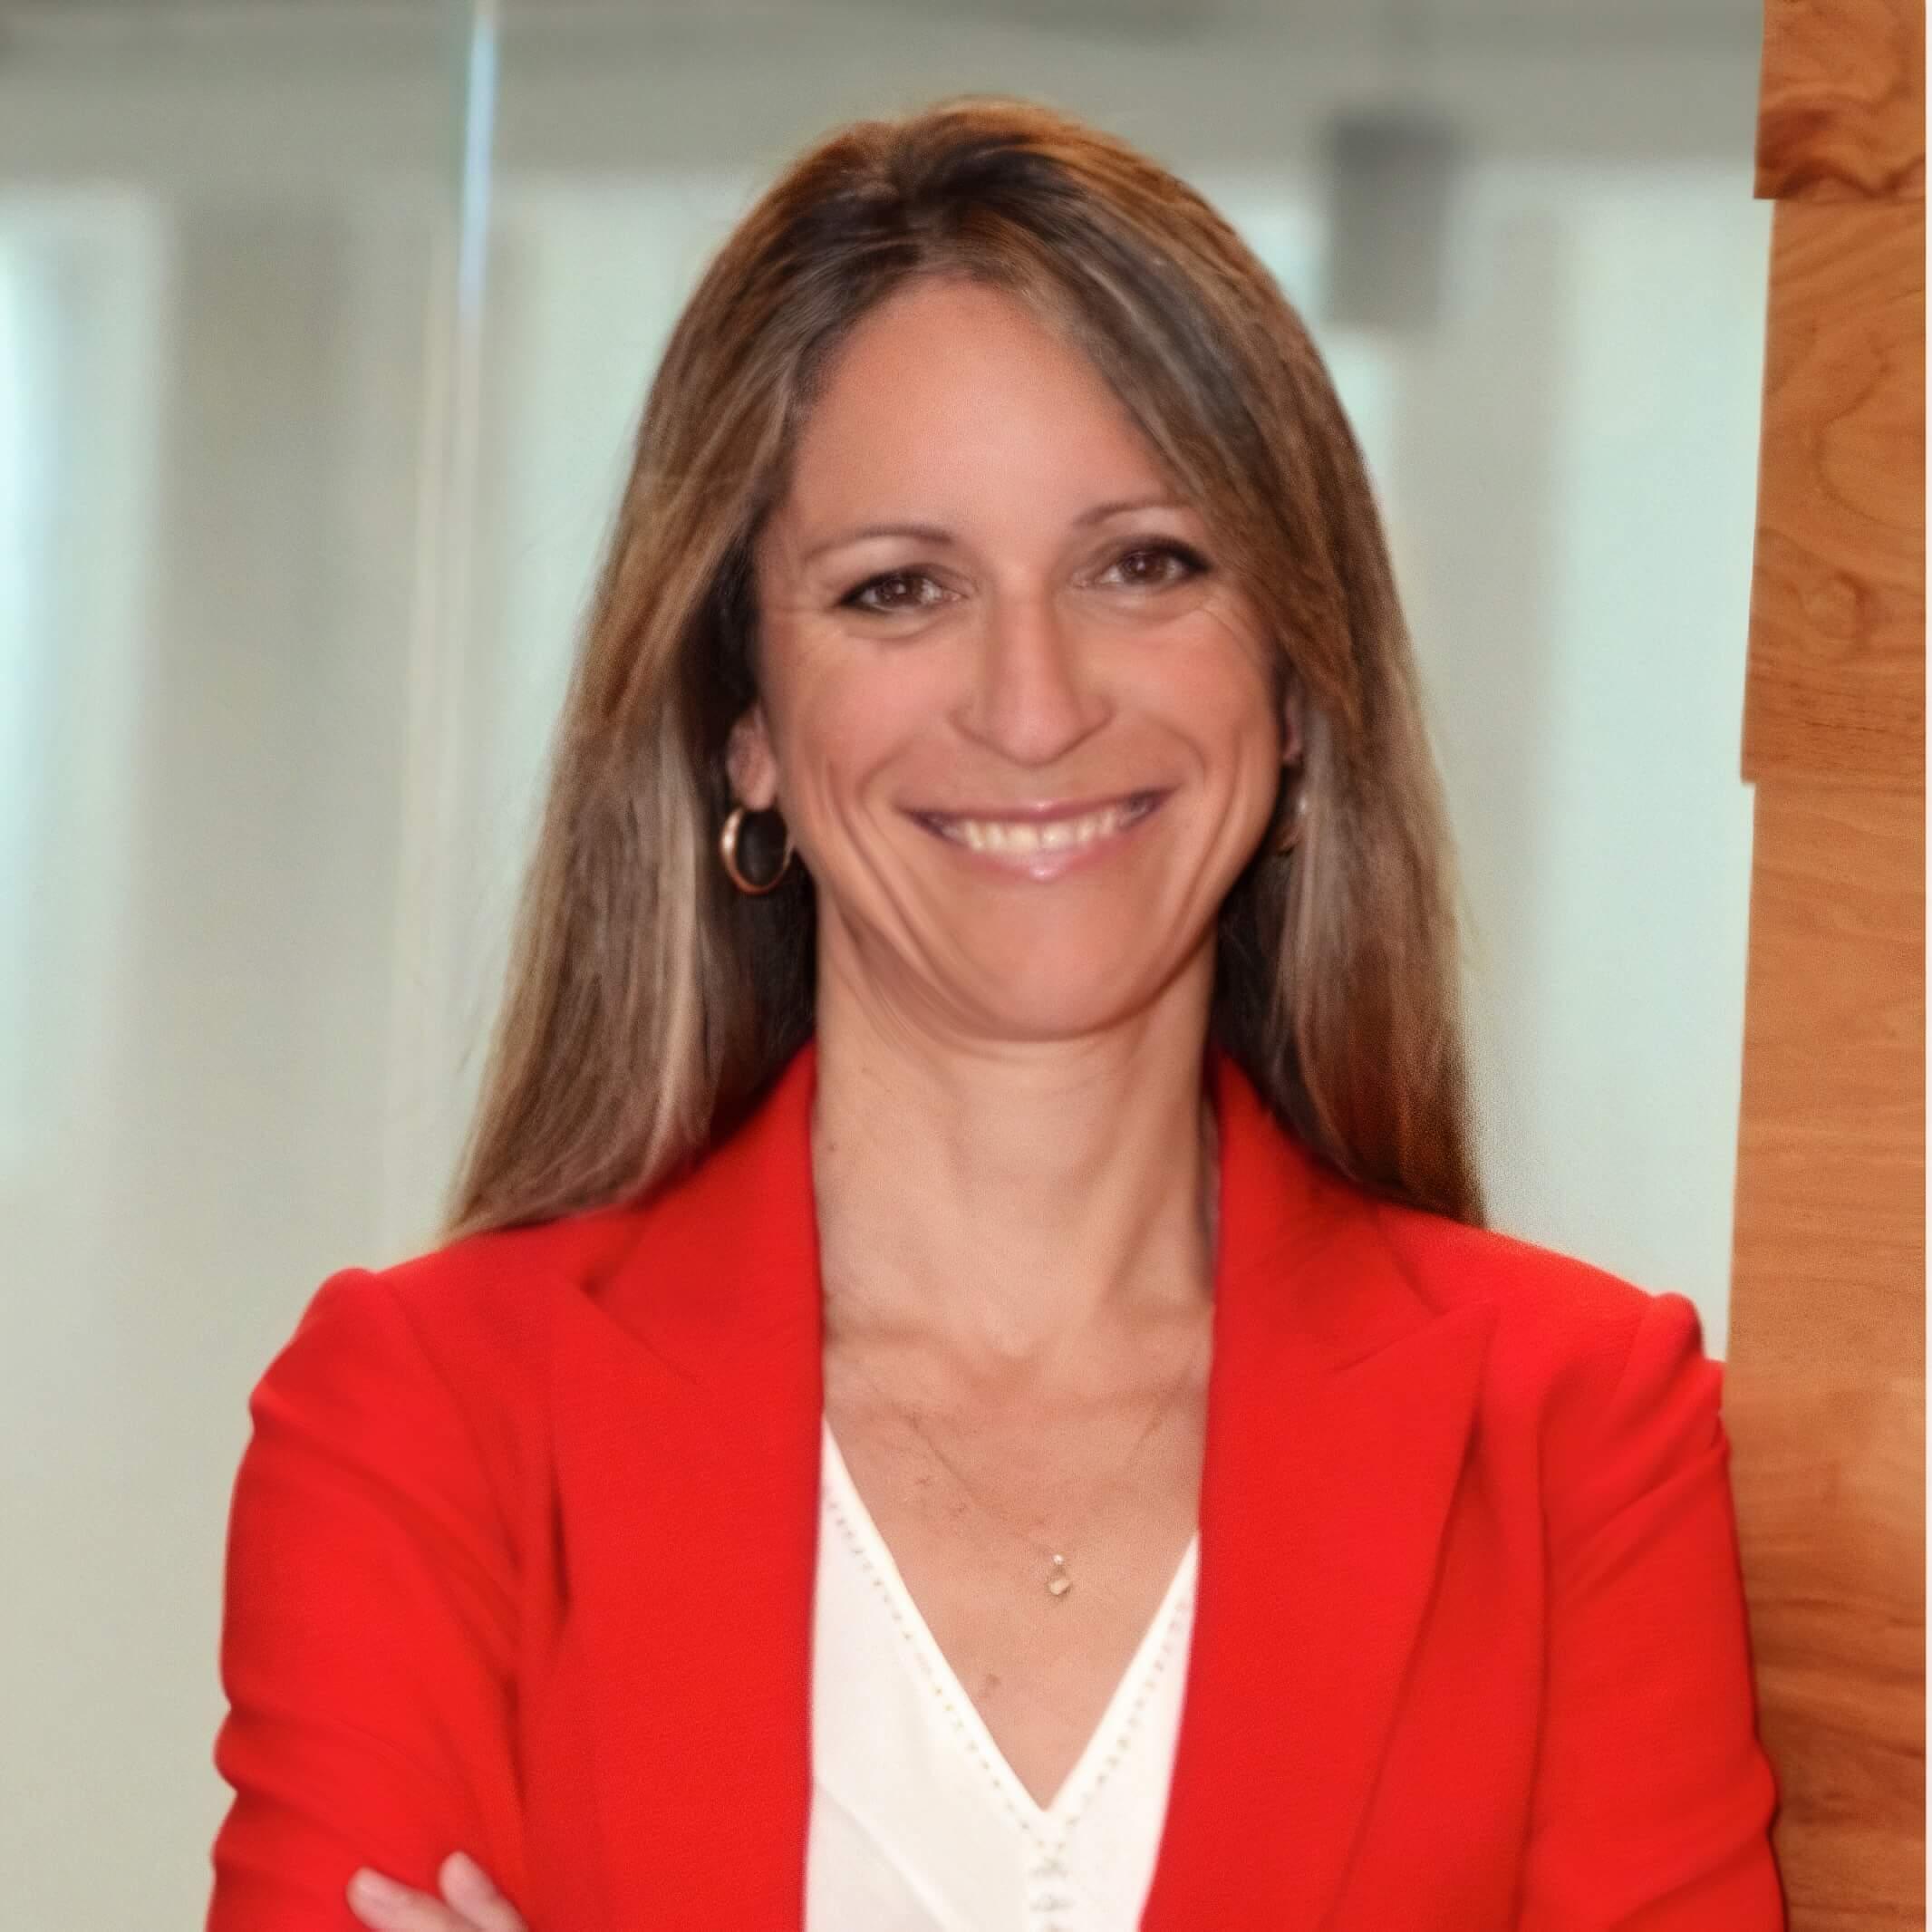 Valeria Strappa